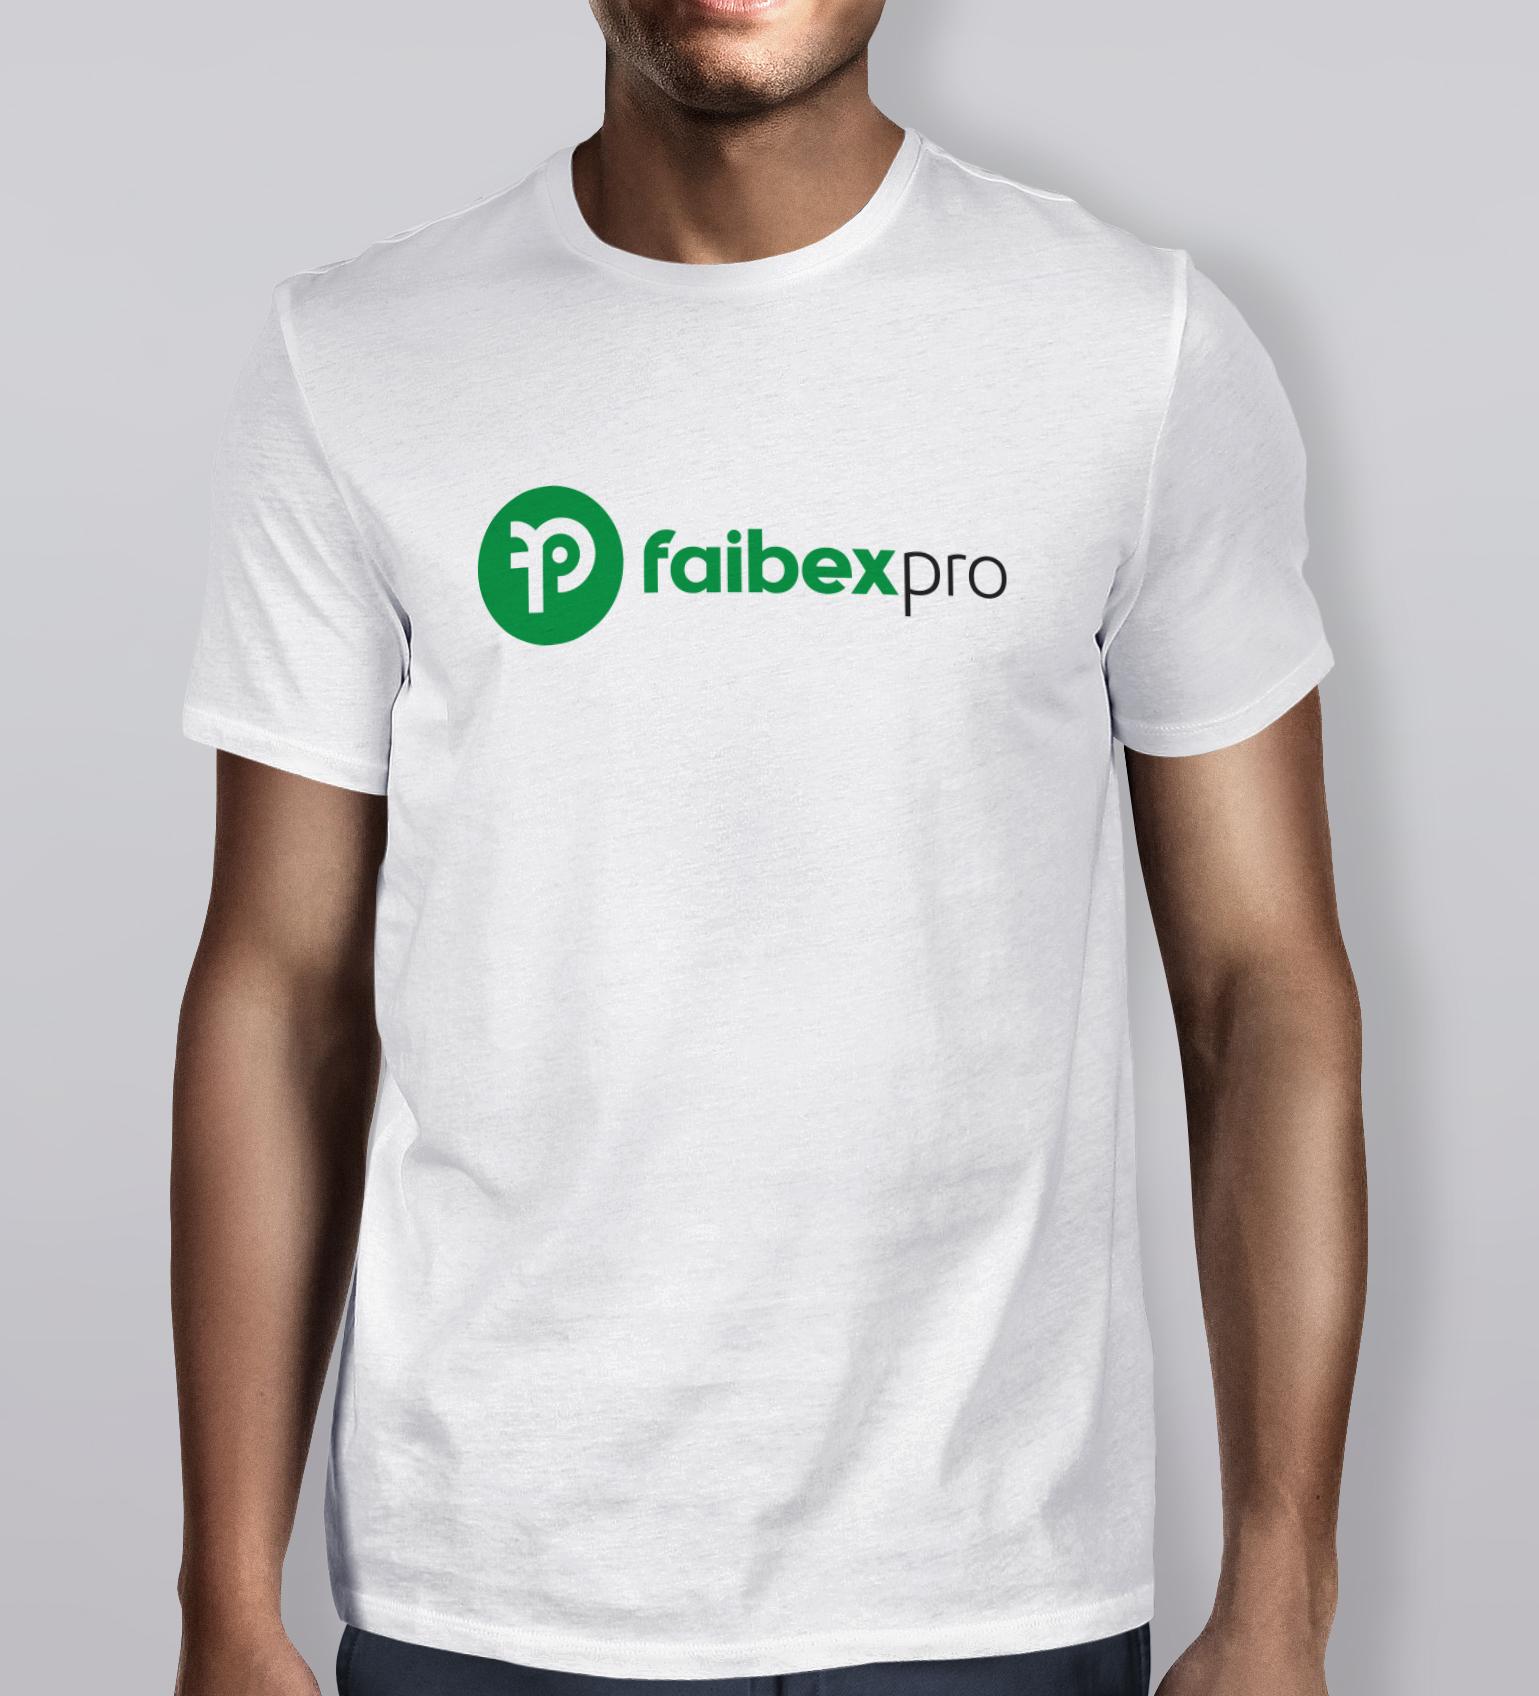 Faibexpro 2